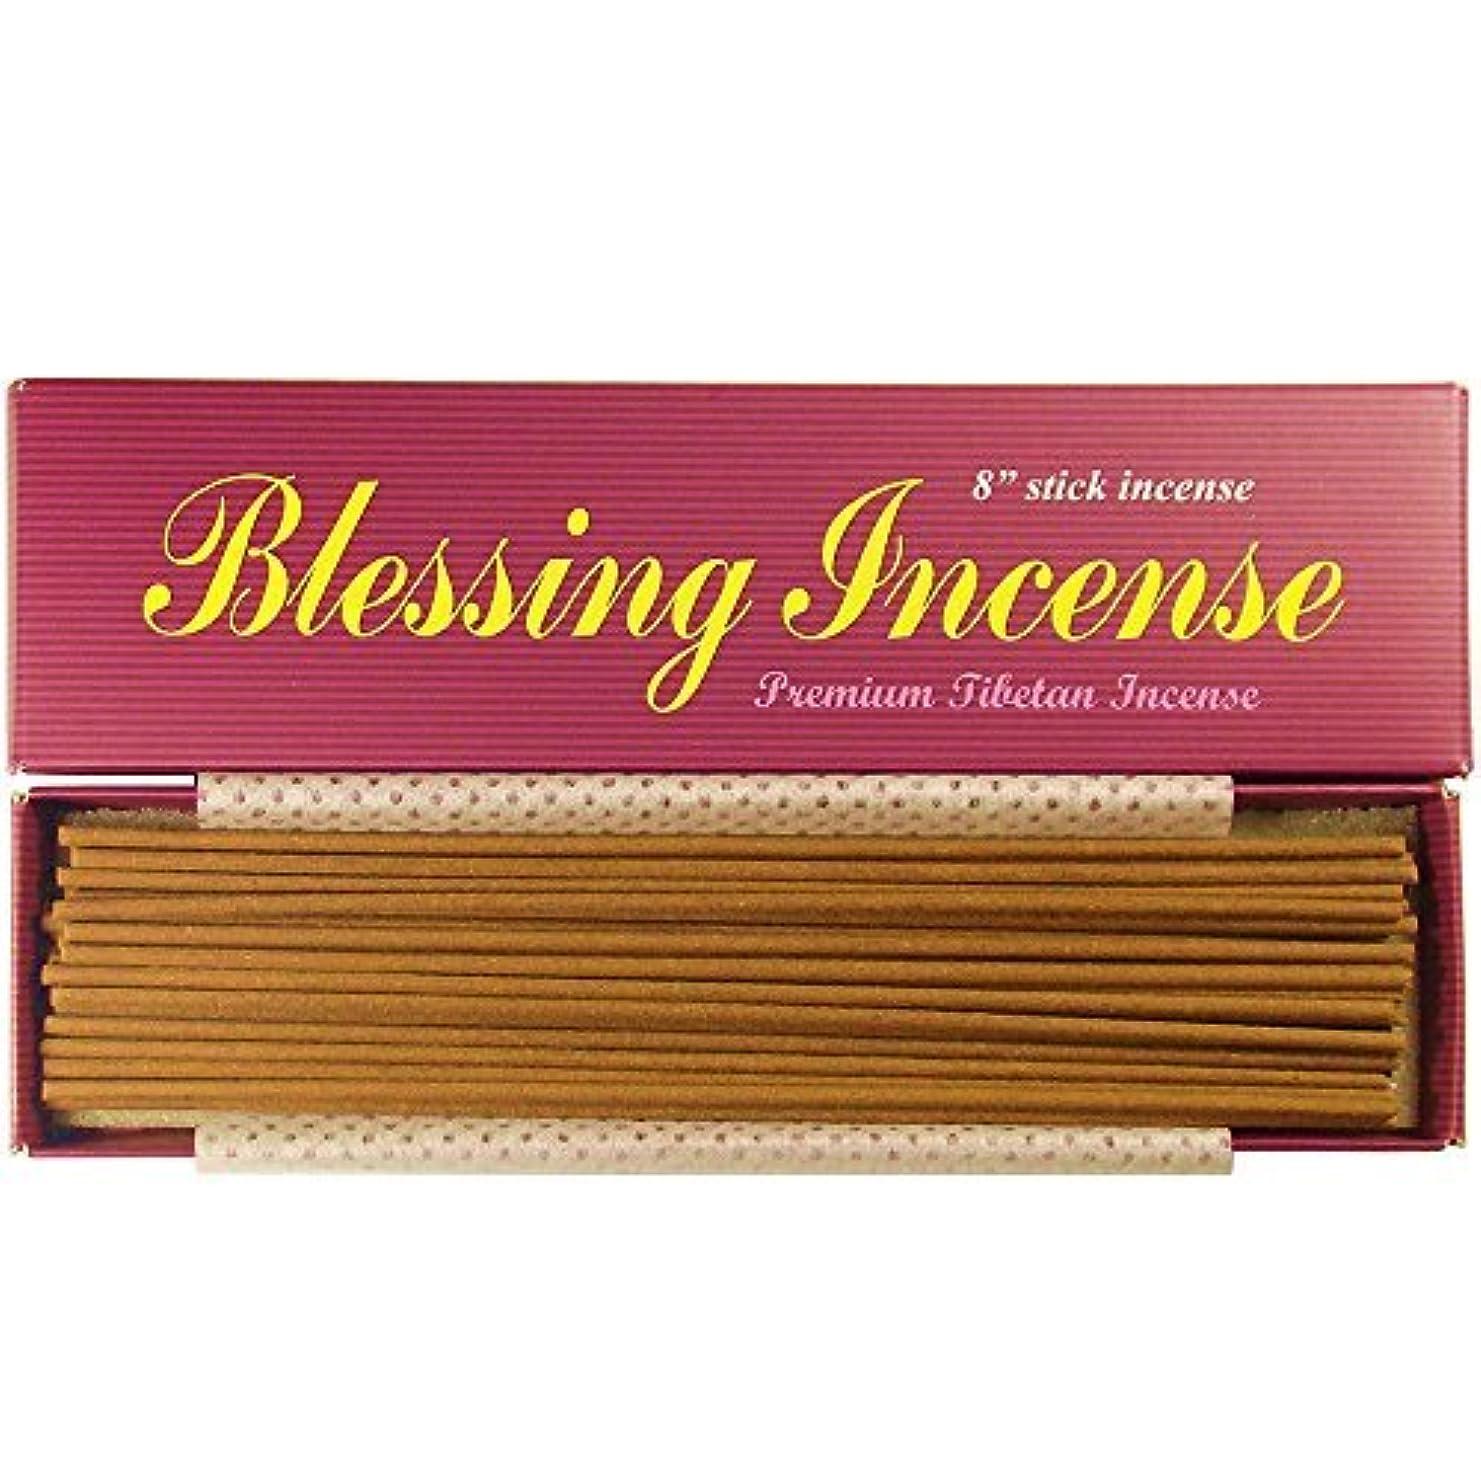 盗賊発音警察Blessing Incense - 8 Stick Incense - 100% Natural - C003T [並行輸入品]